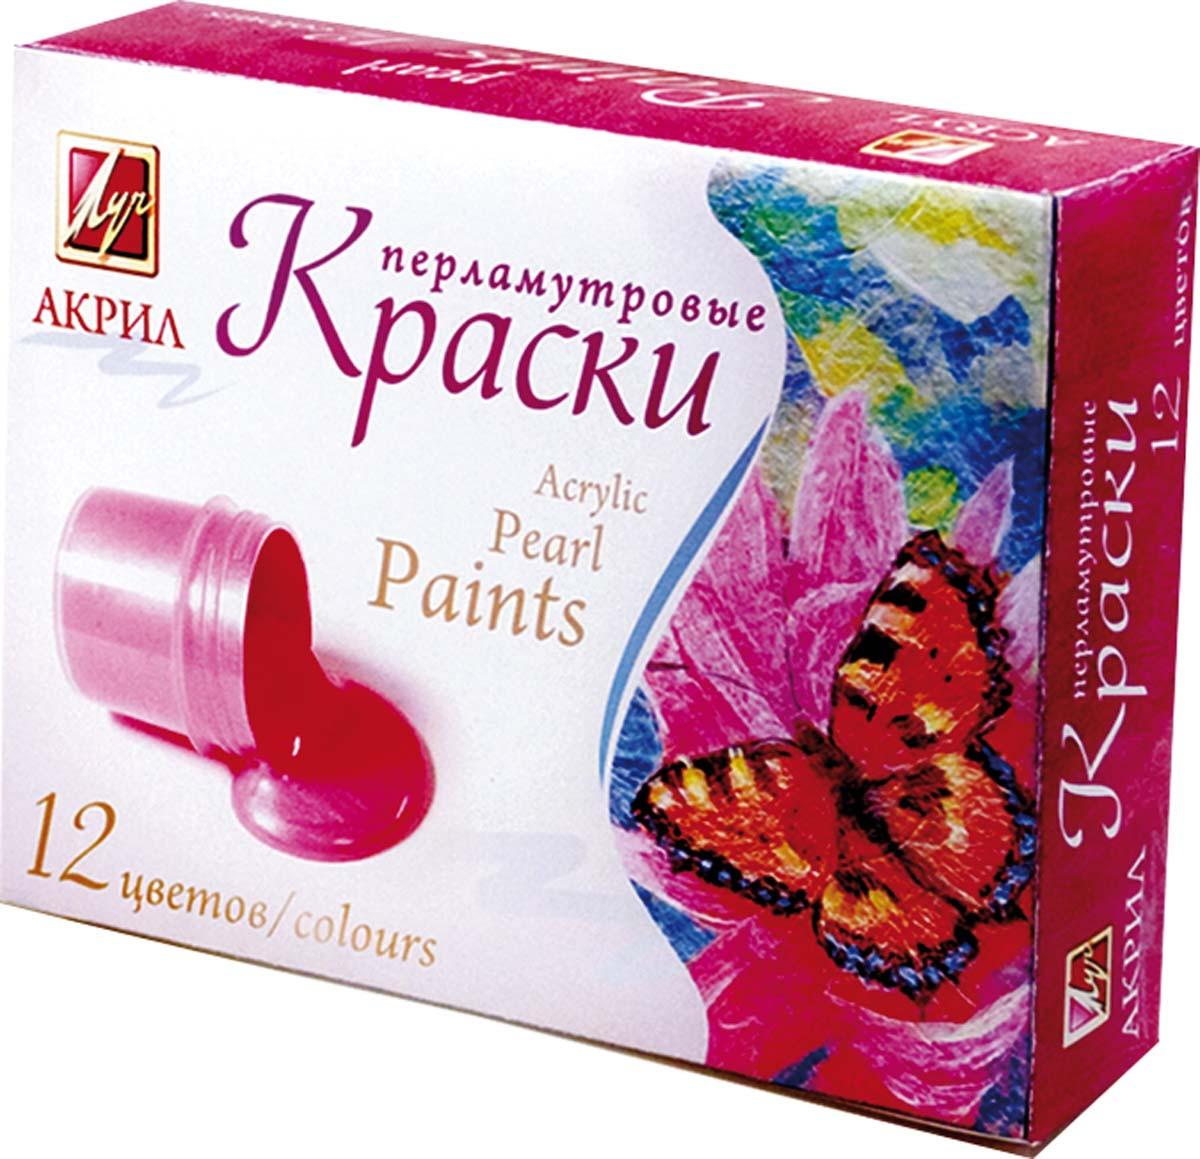 Фарби акрилові ЛУЧ перламутрові 12 кольорів 15 мл